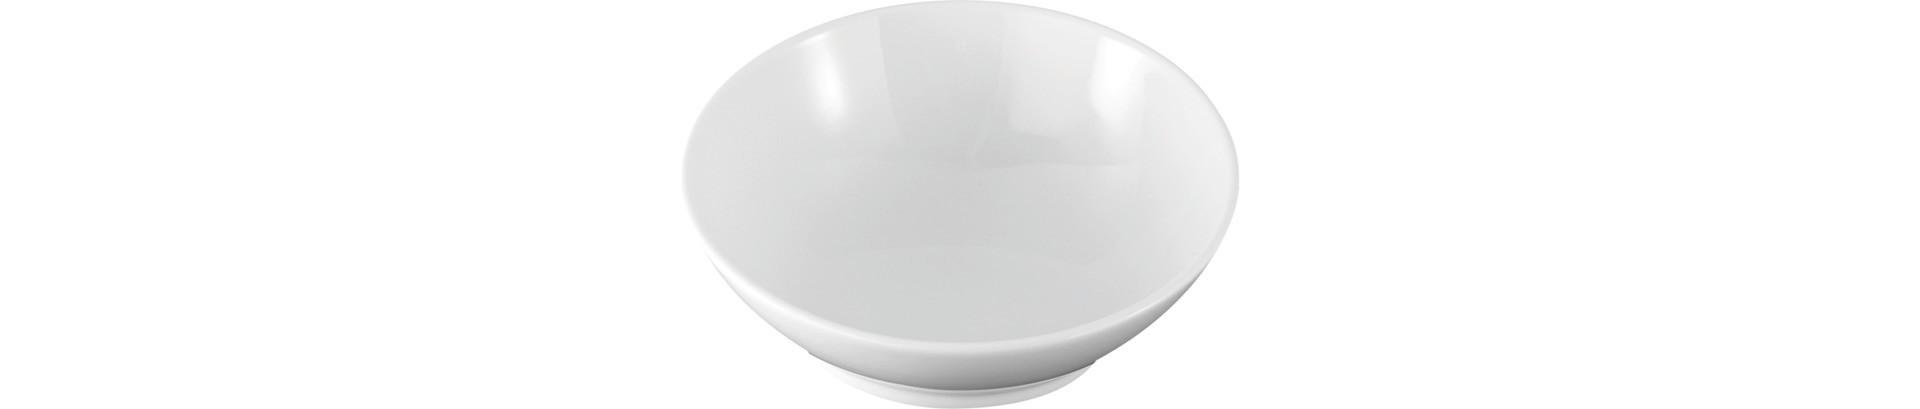 Buffet Gourmet, Frischeschale rund ø 180 mm / 0,40 l